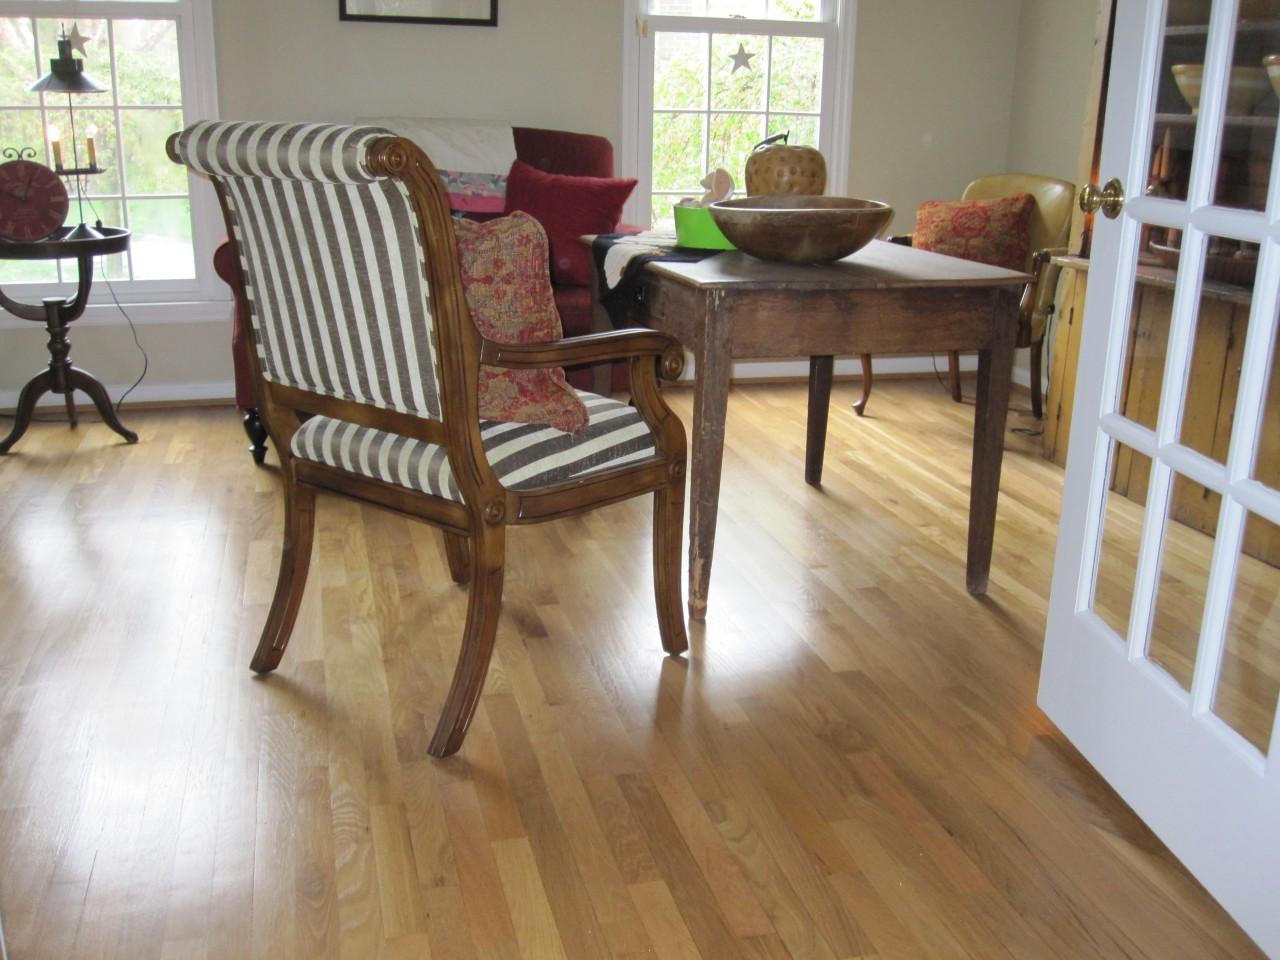 hardwood floor refinishing franklin tn of adams hardwood flooring hardwood floors installation and regarding installation services